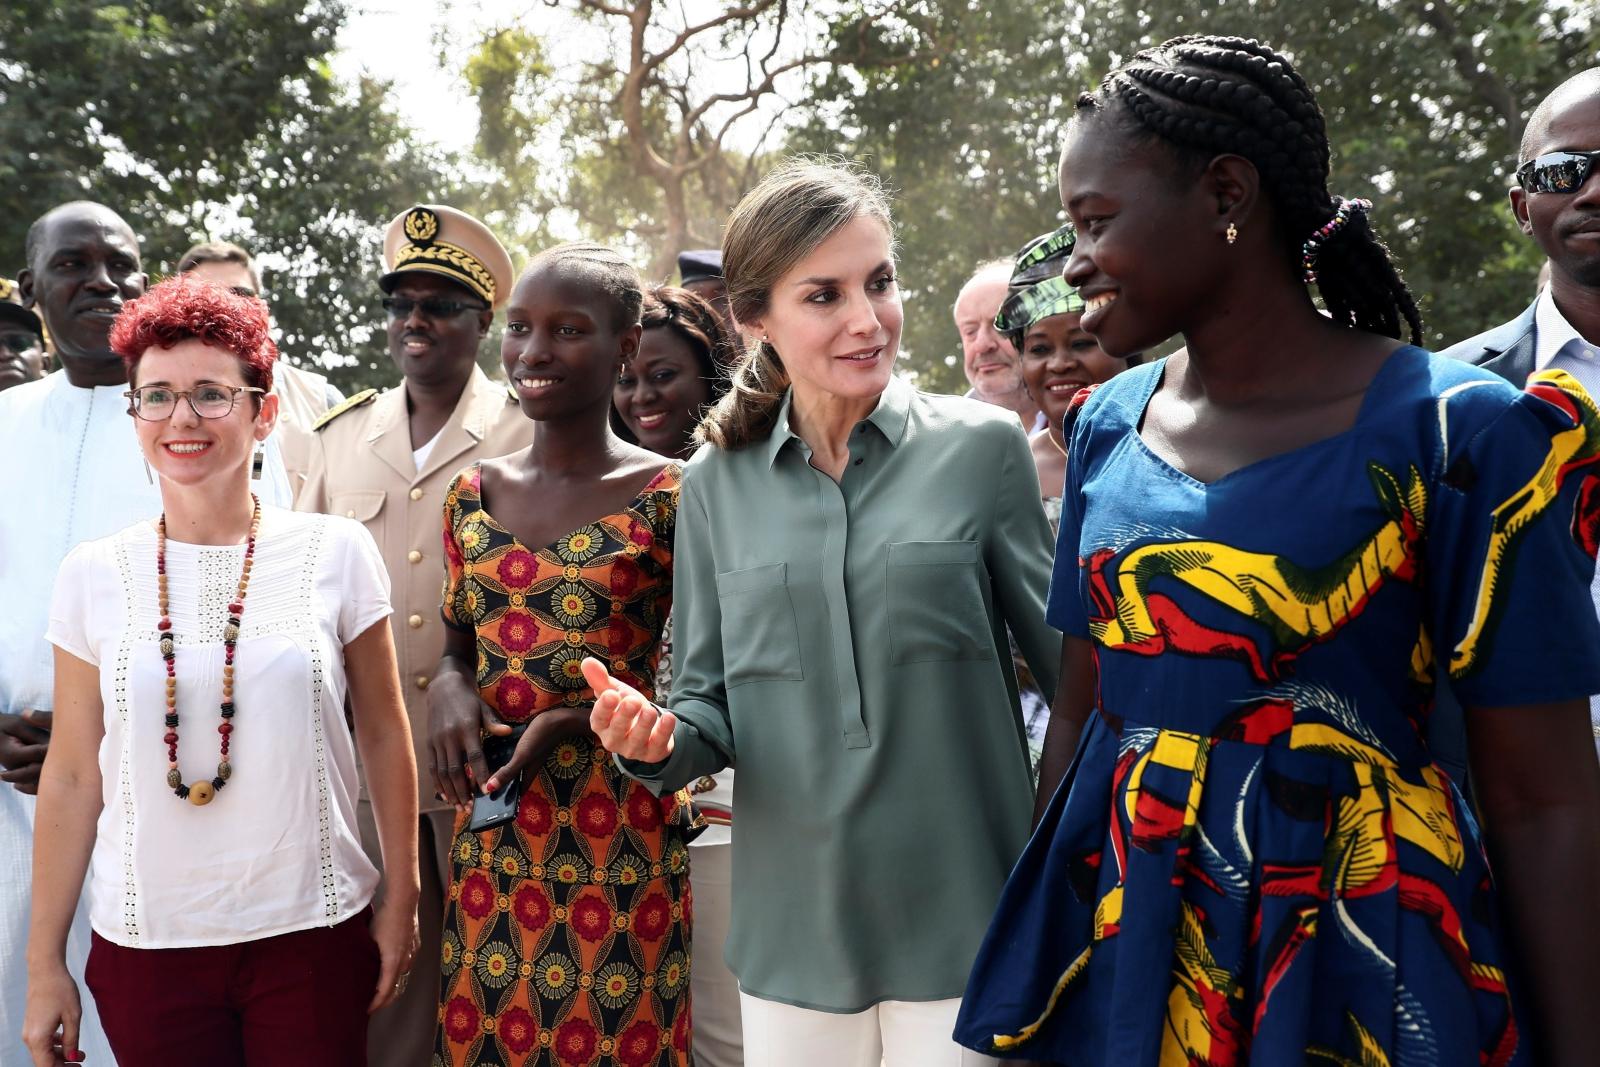 Hiszpańska królowa Letycja podczas 4-dniowej wizyty w Senegalu, fot. EPA/MARISCAL